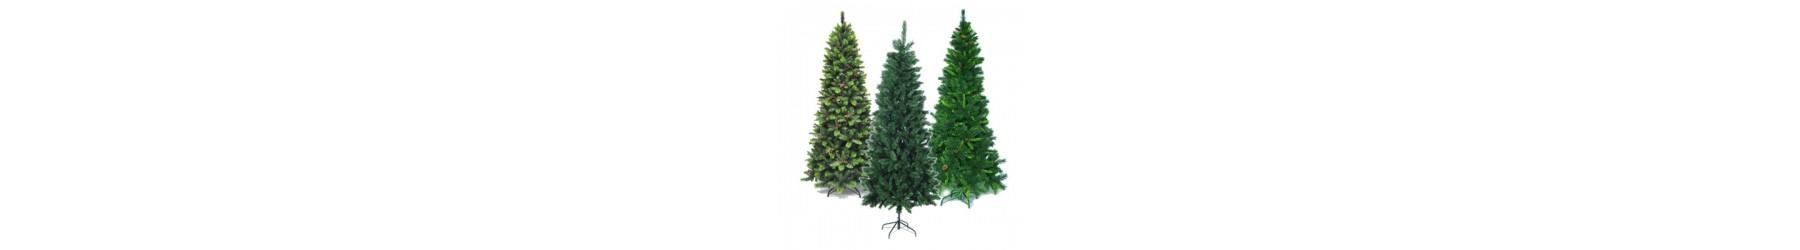 Δέντρα στενά - slim, μικρής διαμέτρου σε διάφορα σχέδια και χρώματα